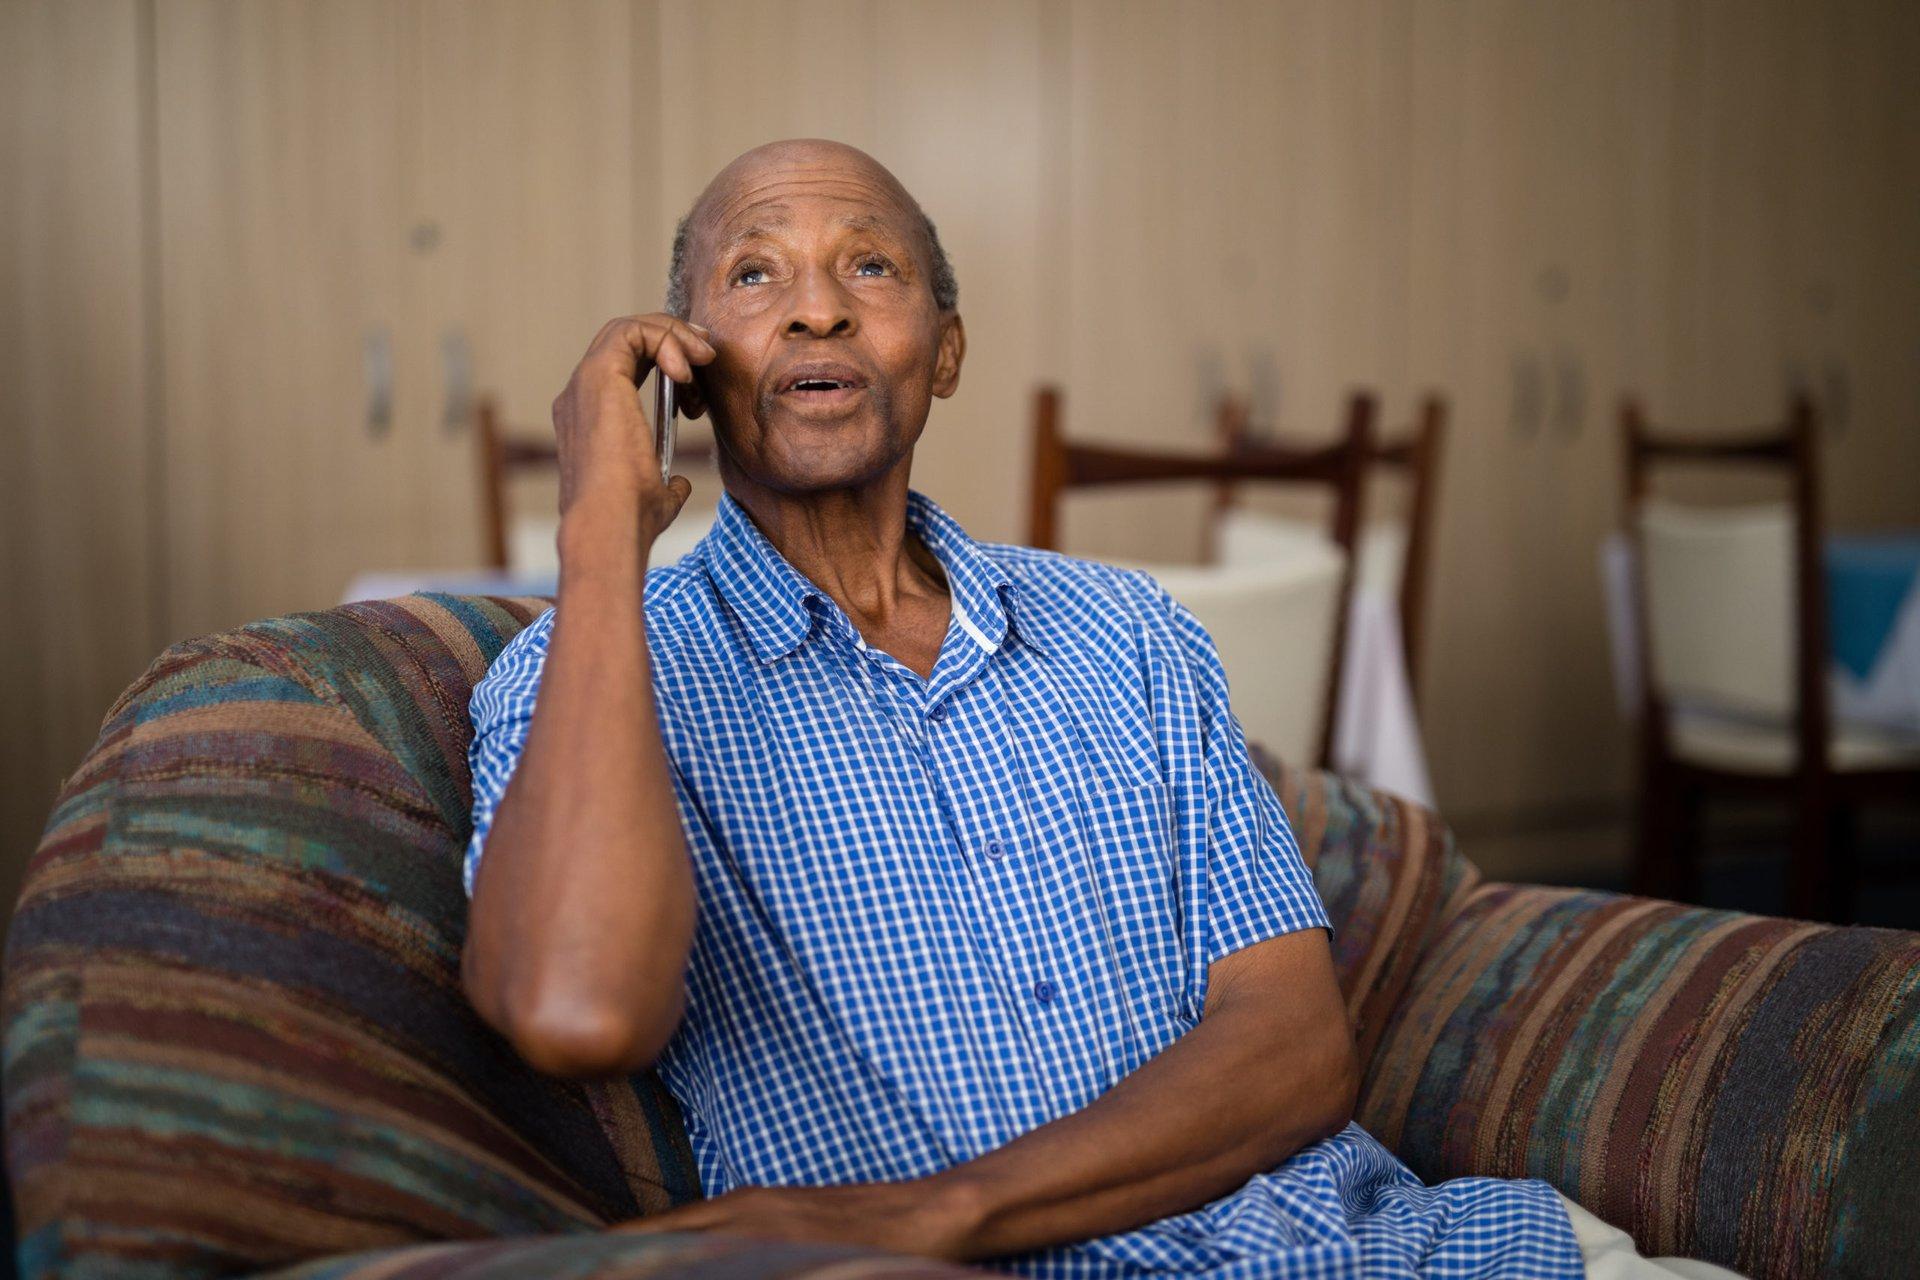 Senior man talking on mobile phone